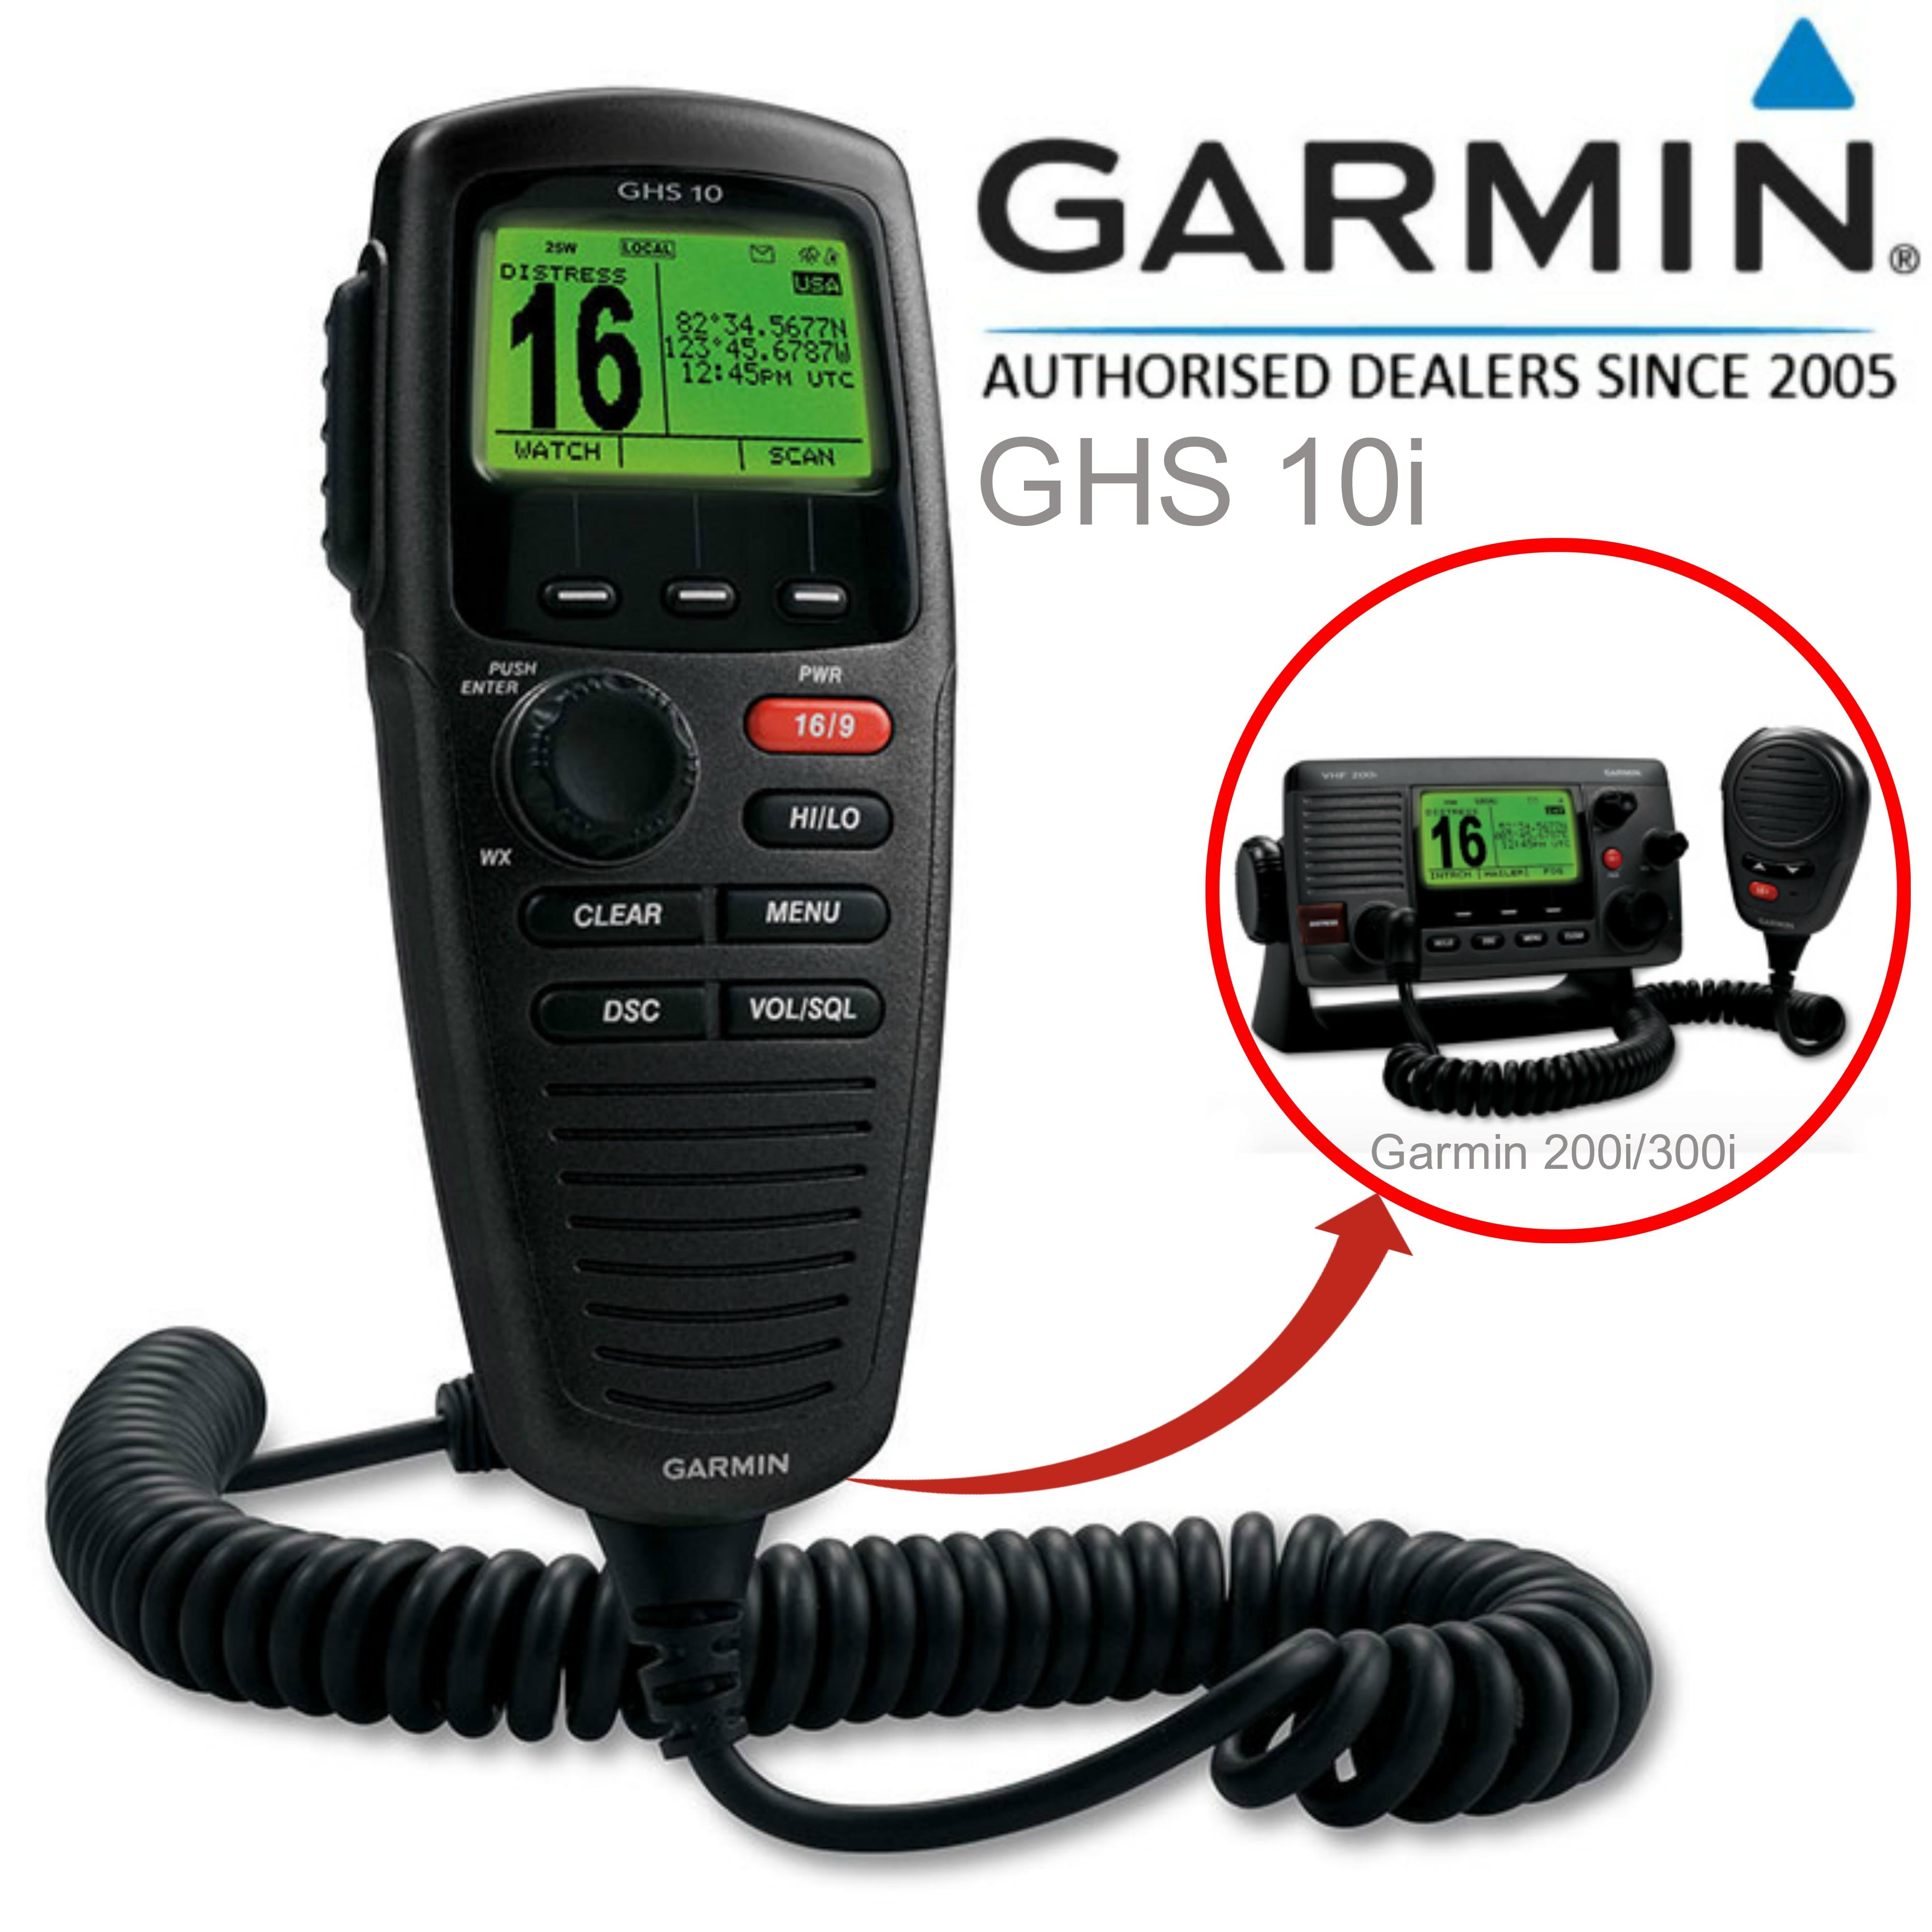 Garmin GHS?10 VHF Wired Mic - Black|LCD Handset|Full Function|DSC|IPX7|For VHF 200i/300i